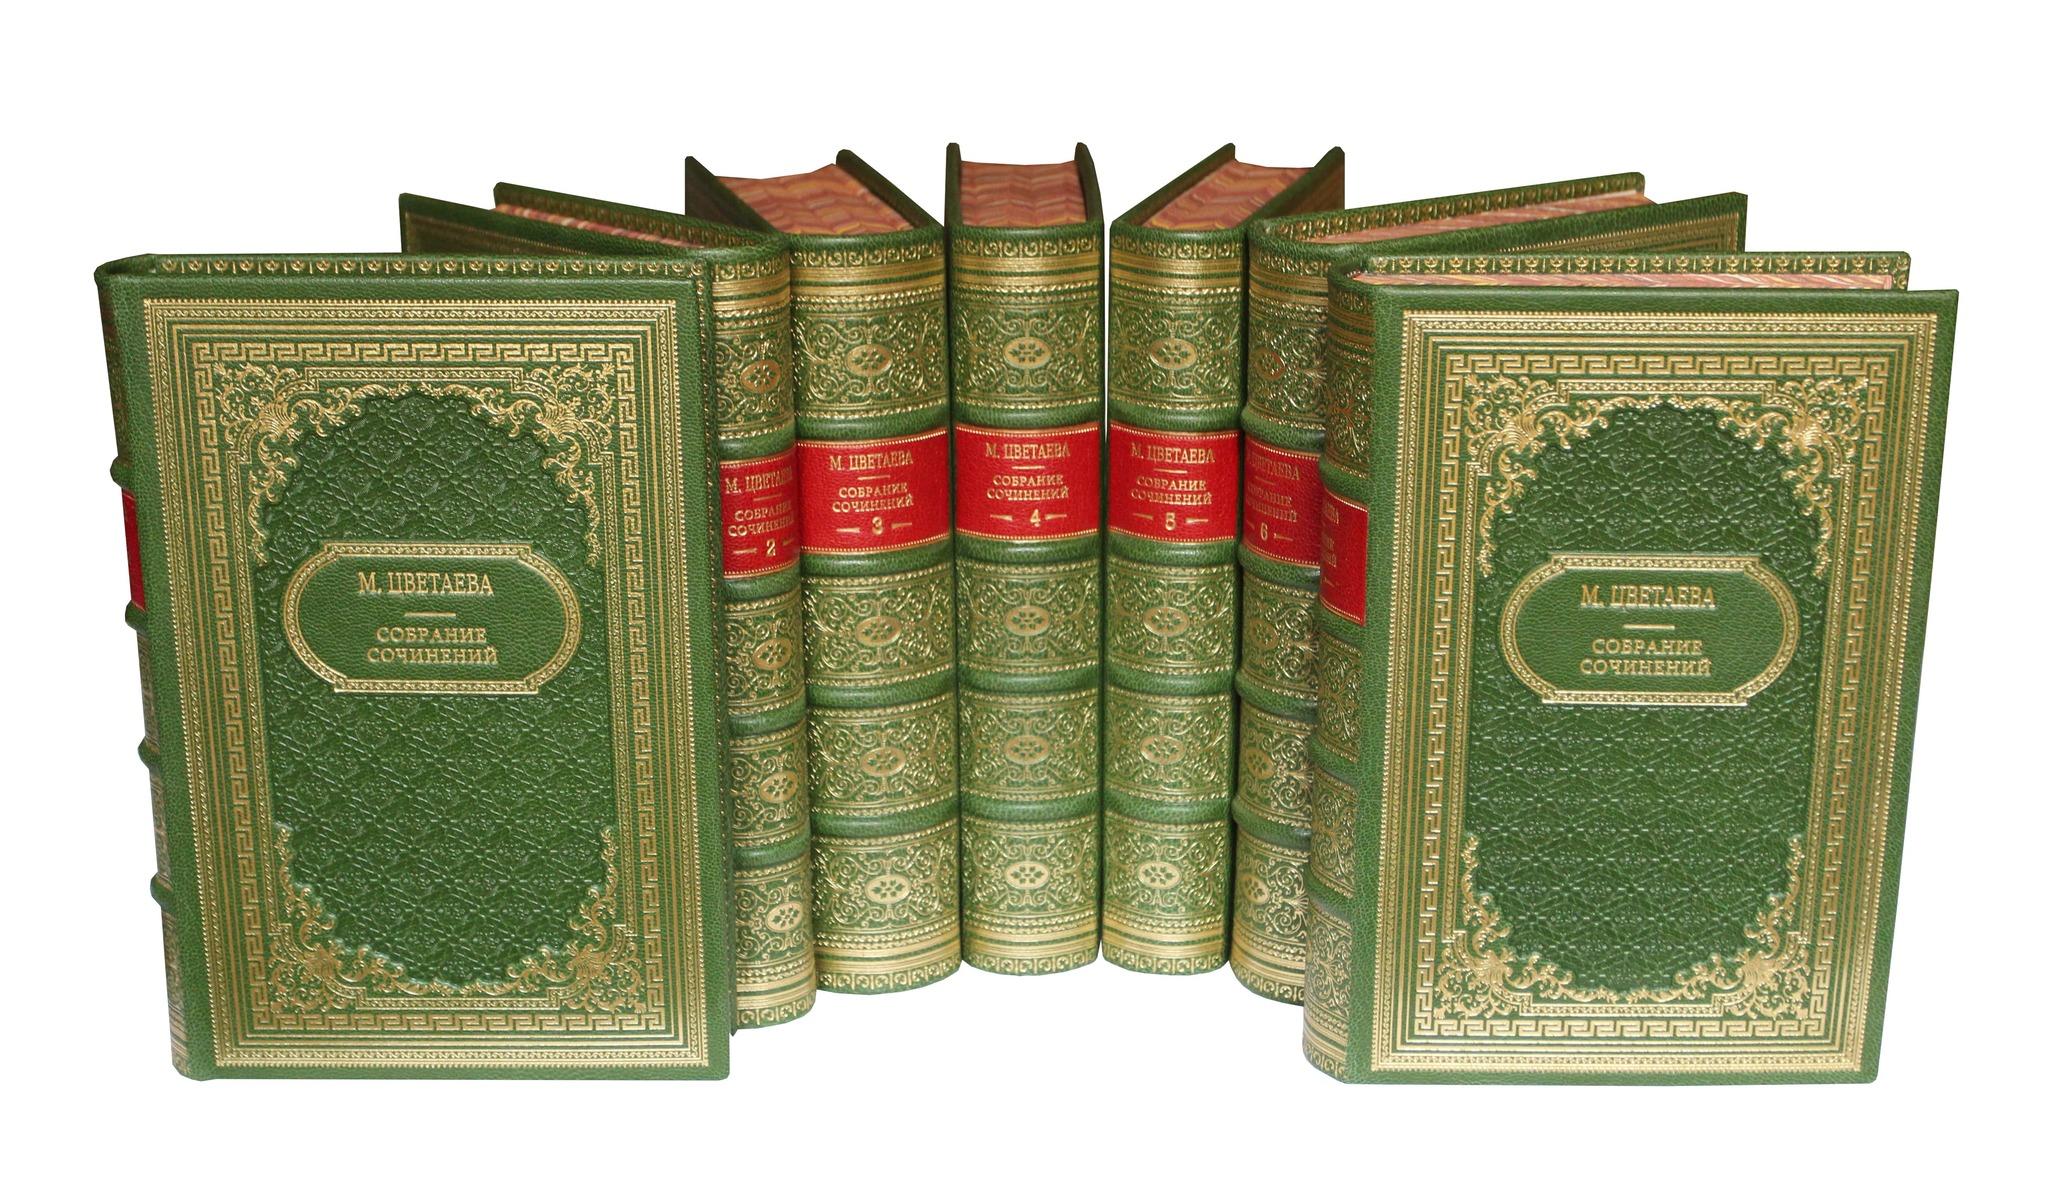 Цветаева М.И. Собрание сочинений в 7 томах